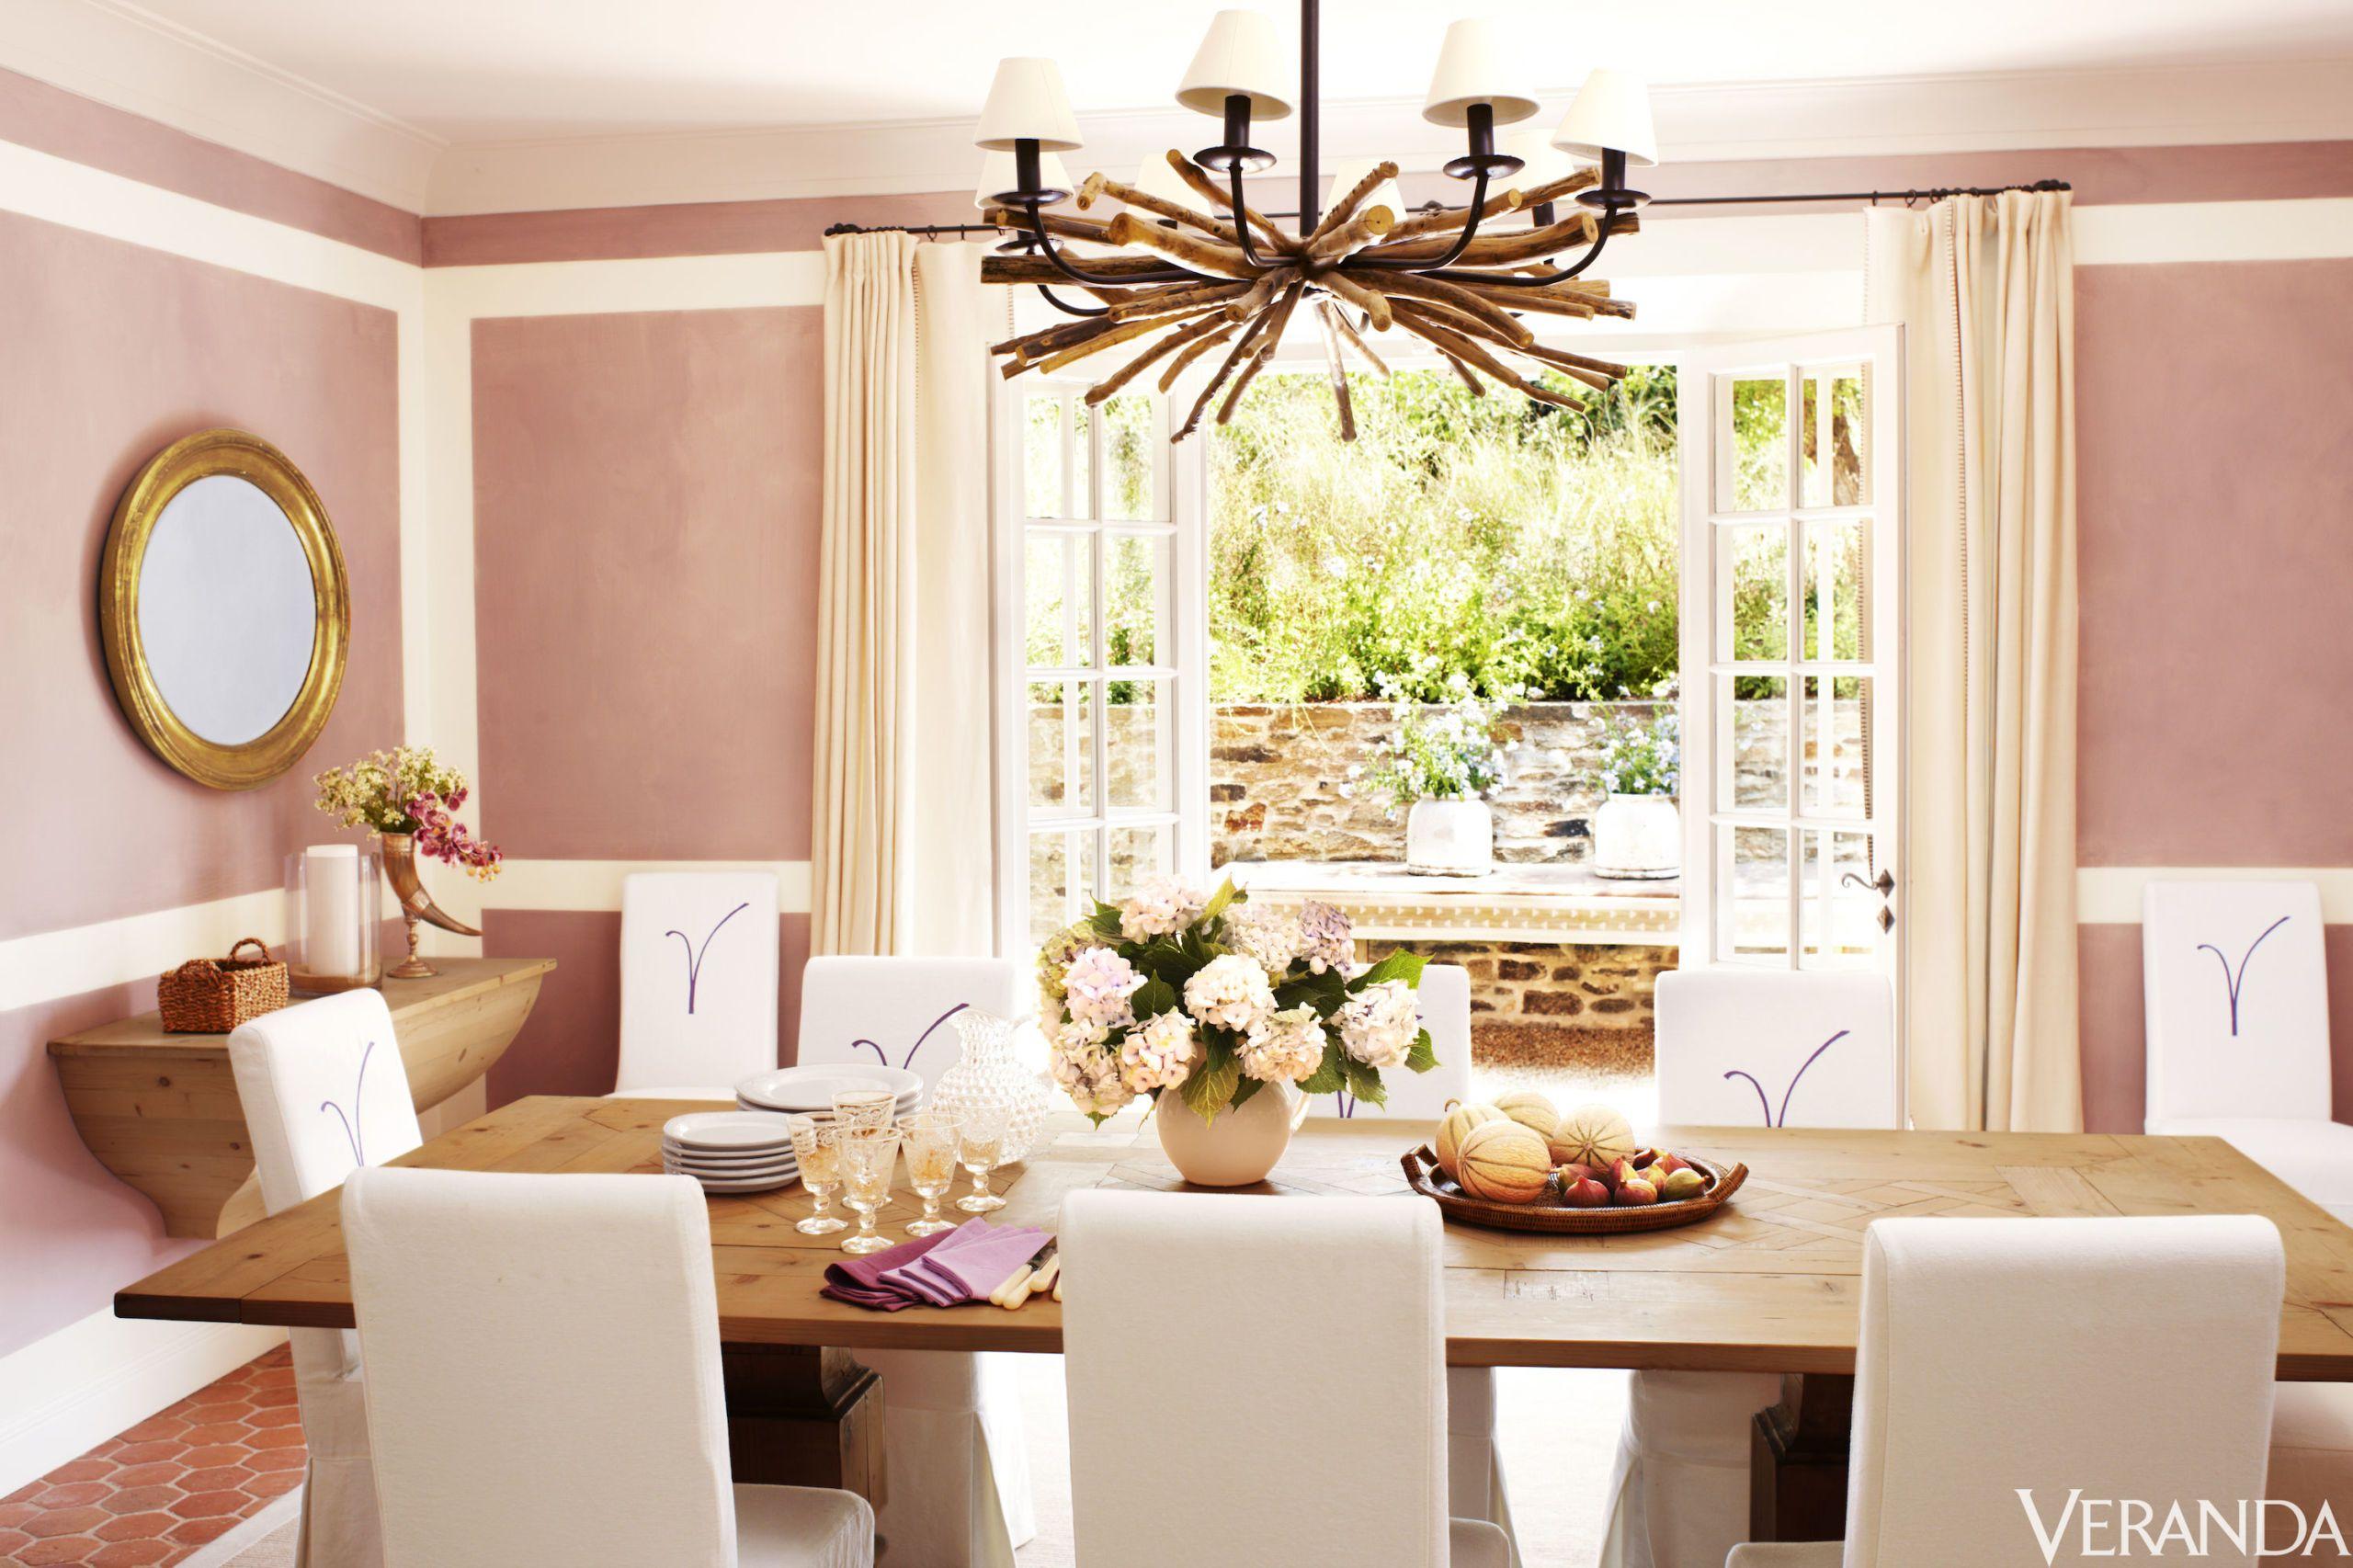 Veranda Interior Design - Restaurant Interior Design Drawing •